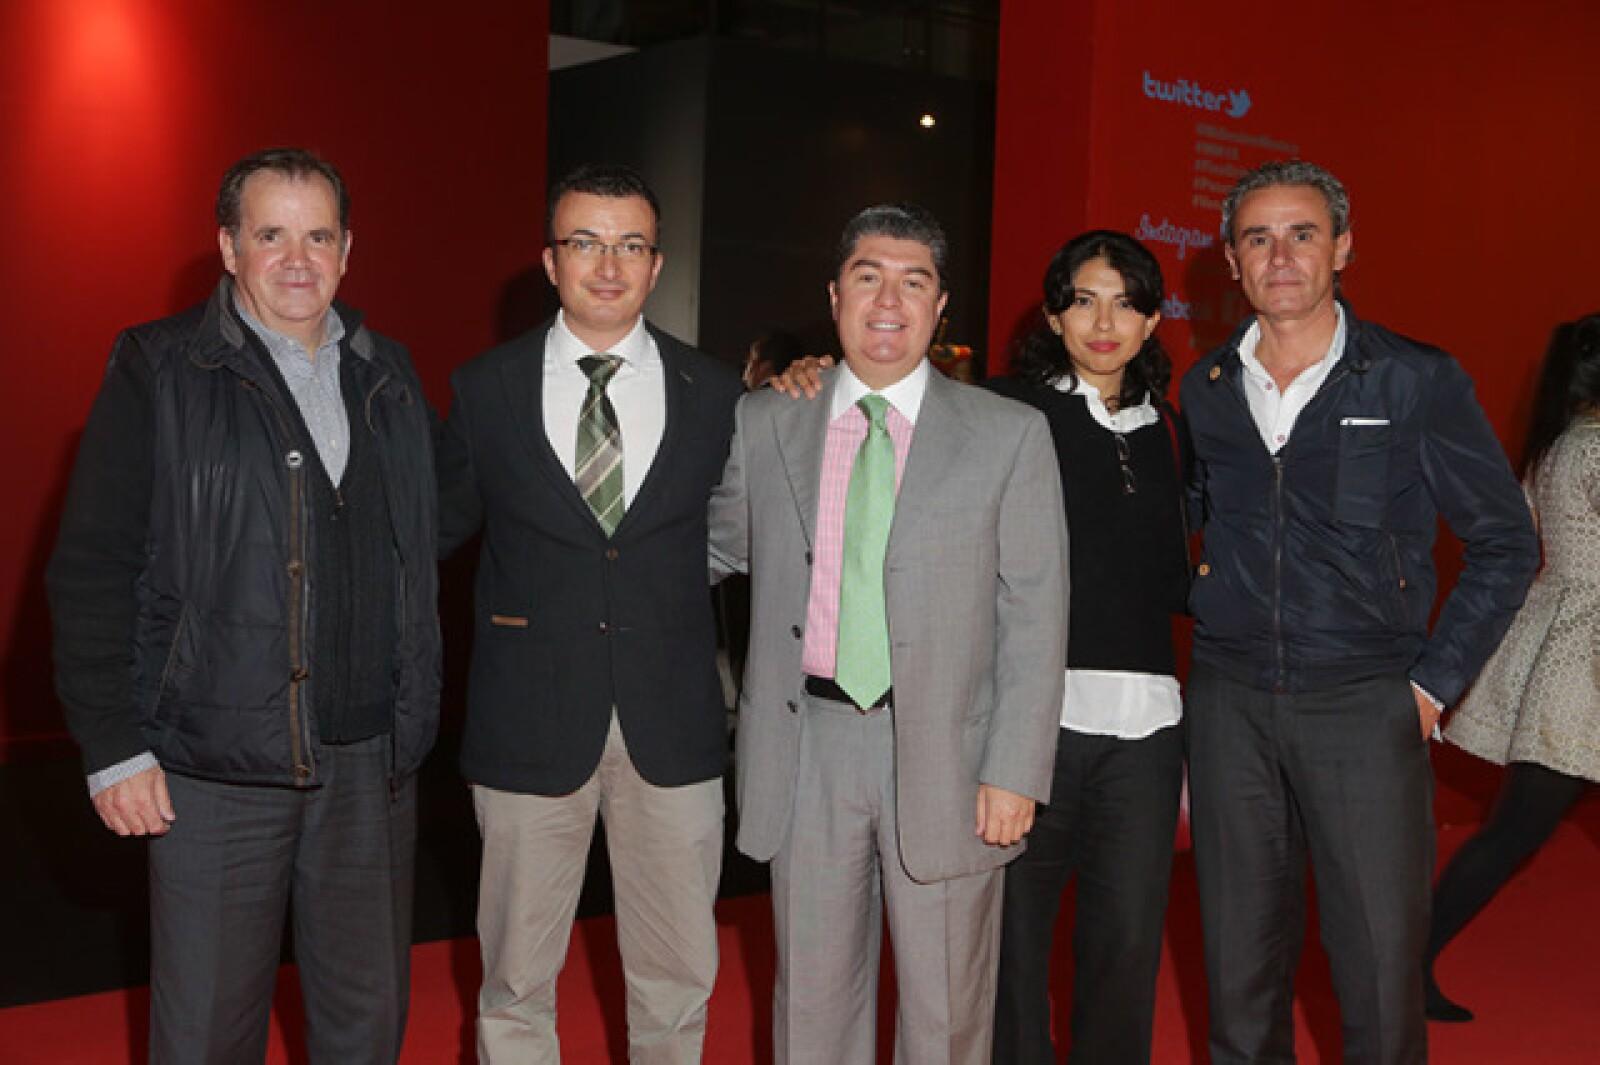 Roberto Ordoñez, Emilio Gorey, Juan Carlos González, Fernanda Velasco y Carlos Moreira